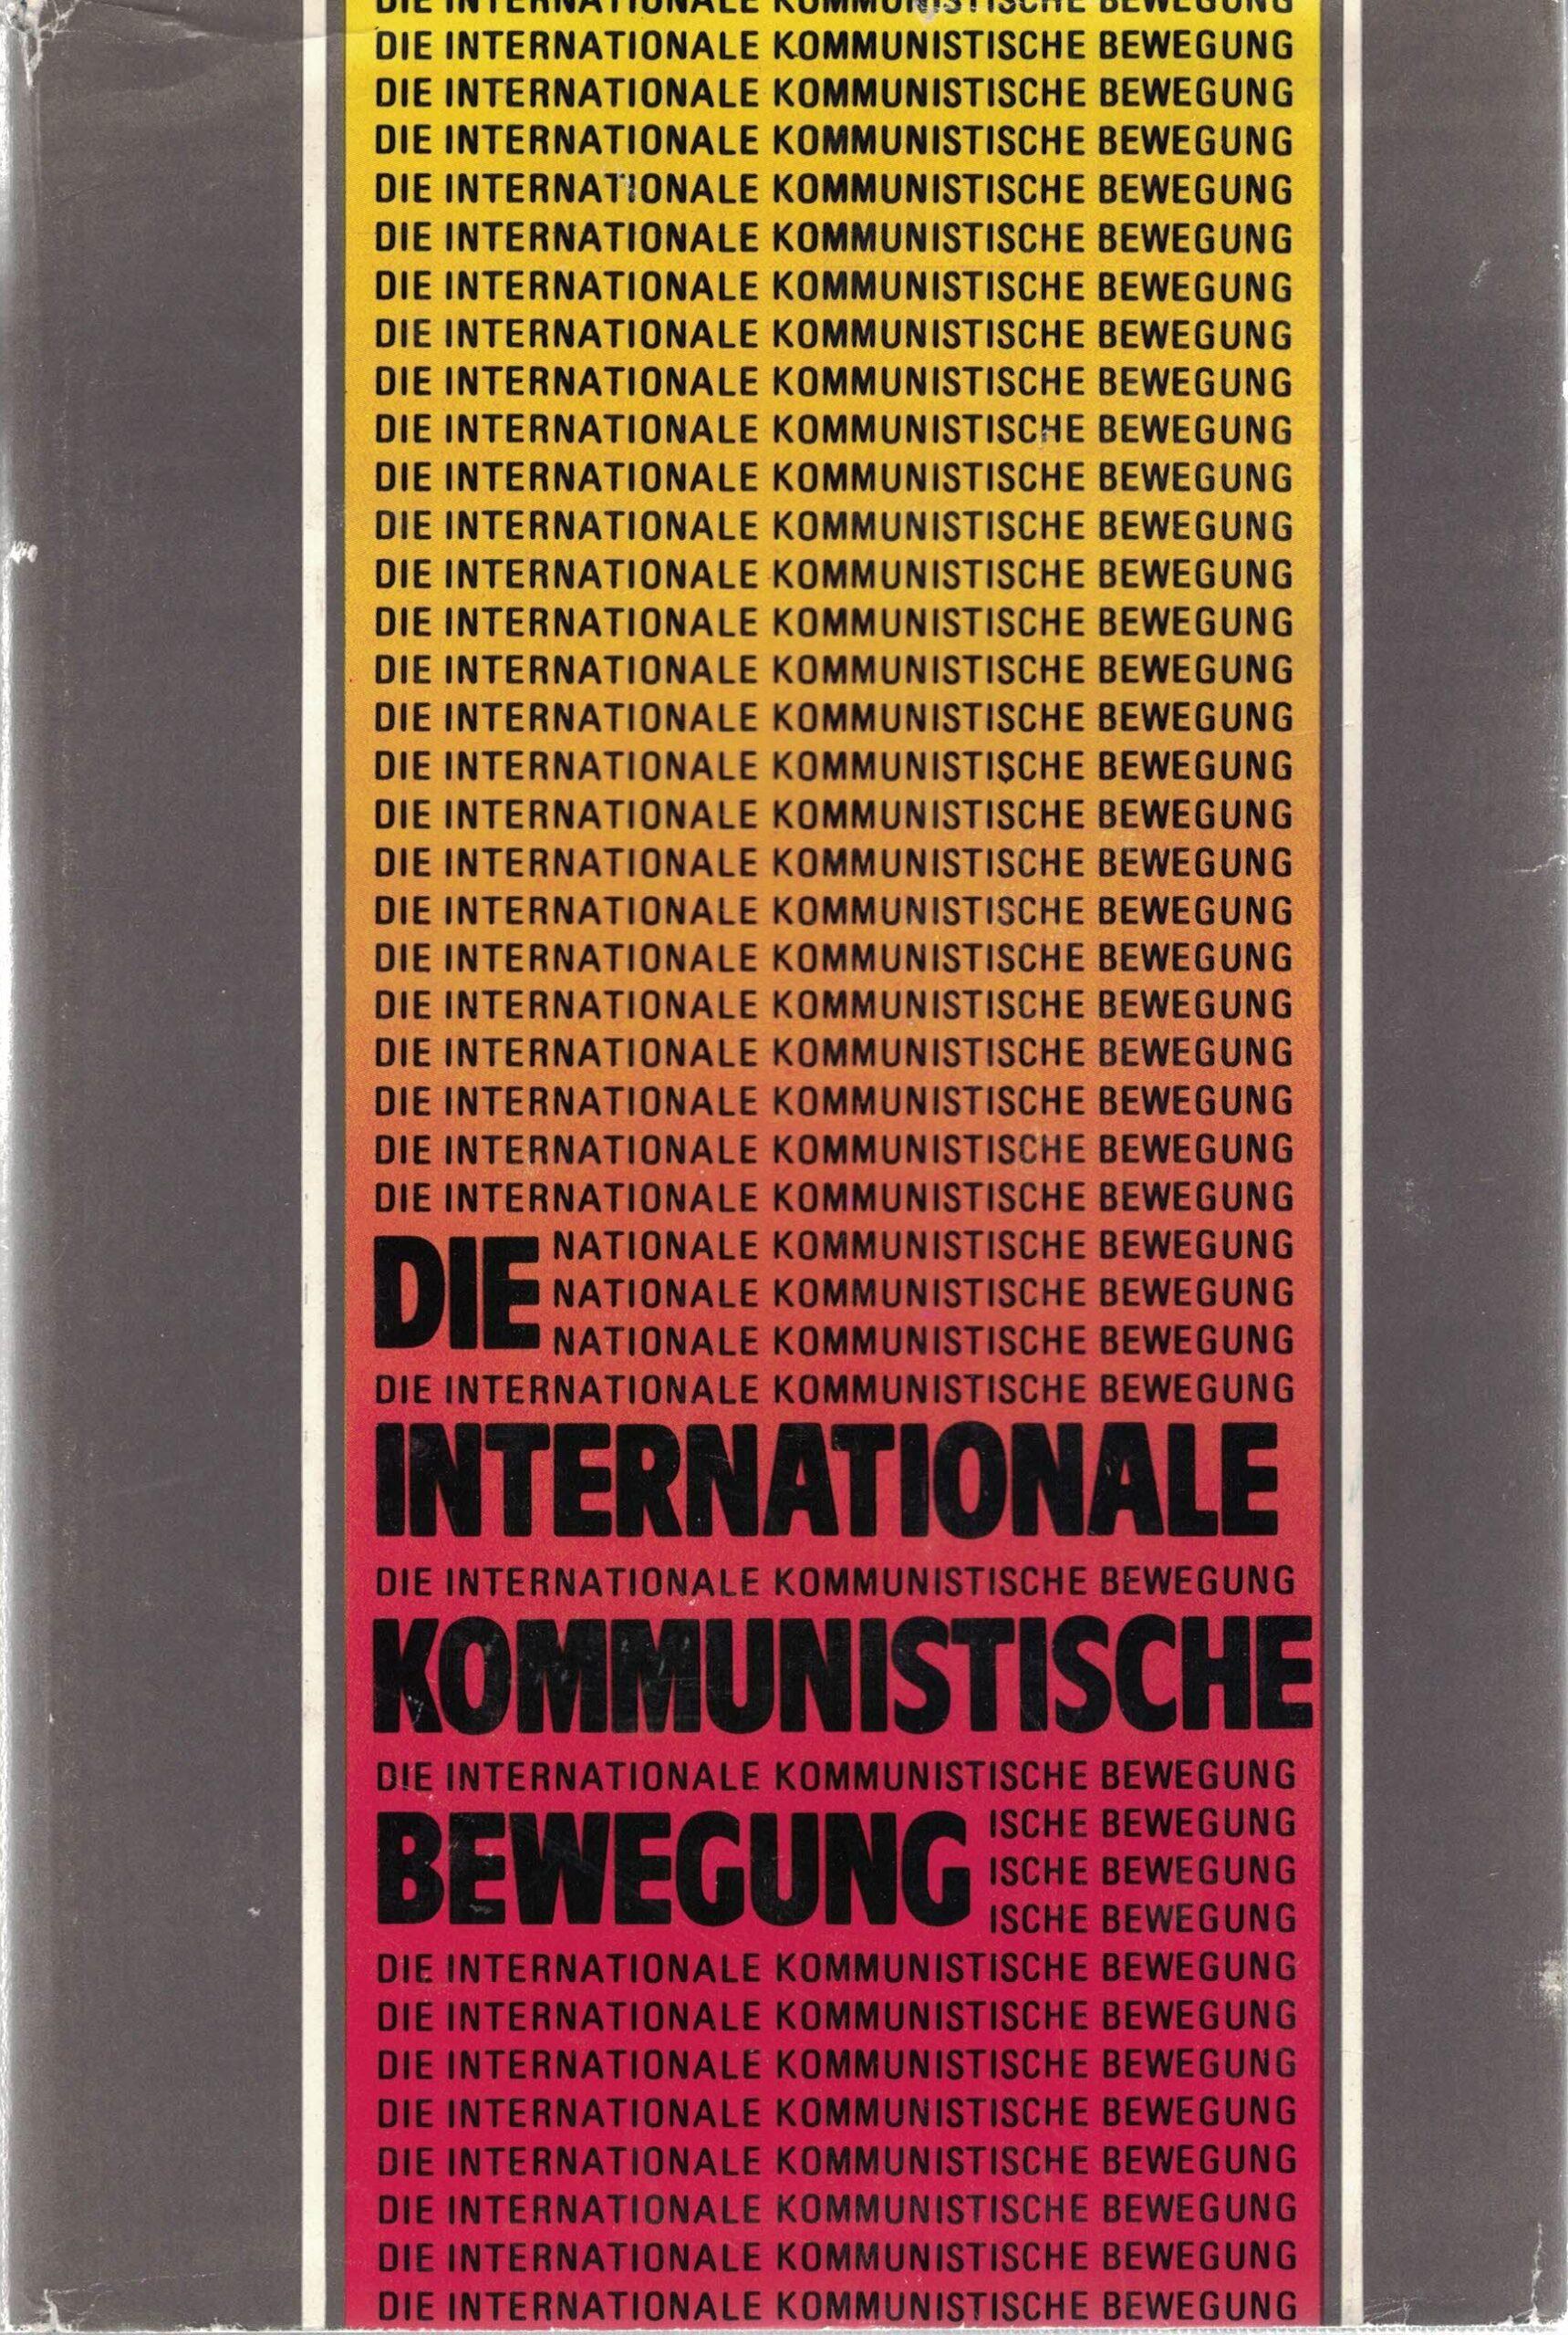 Die Internationale Kommunistische Bewegung